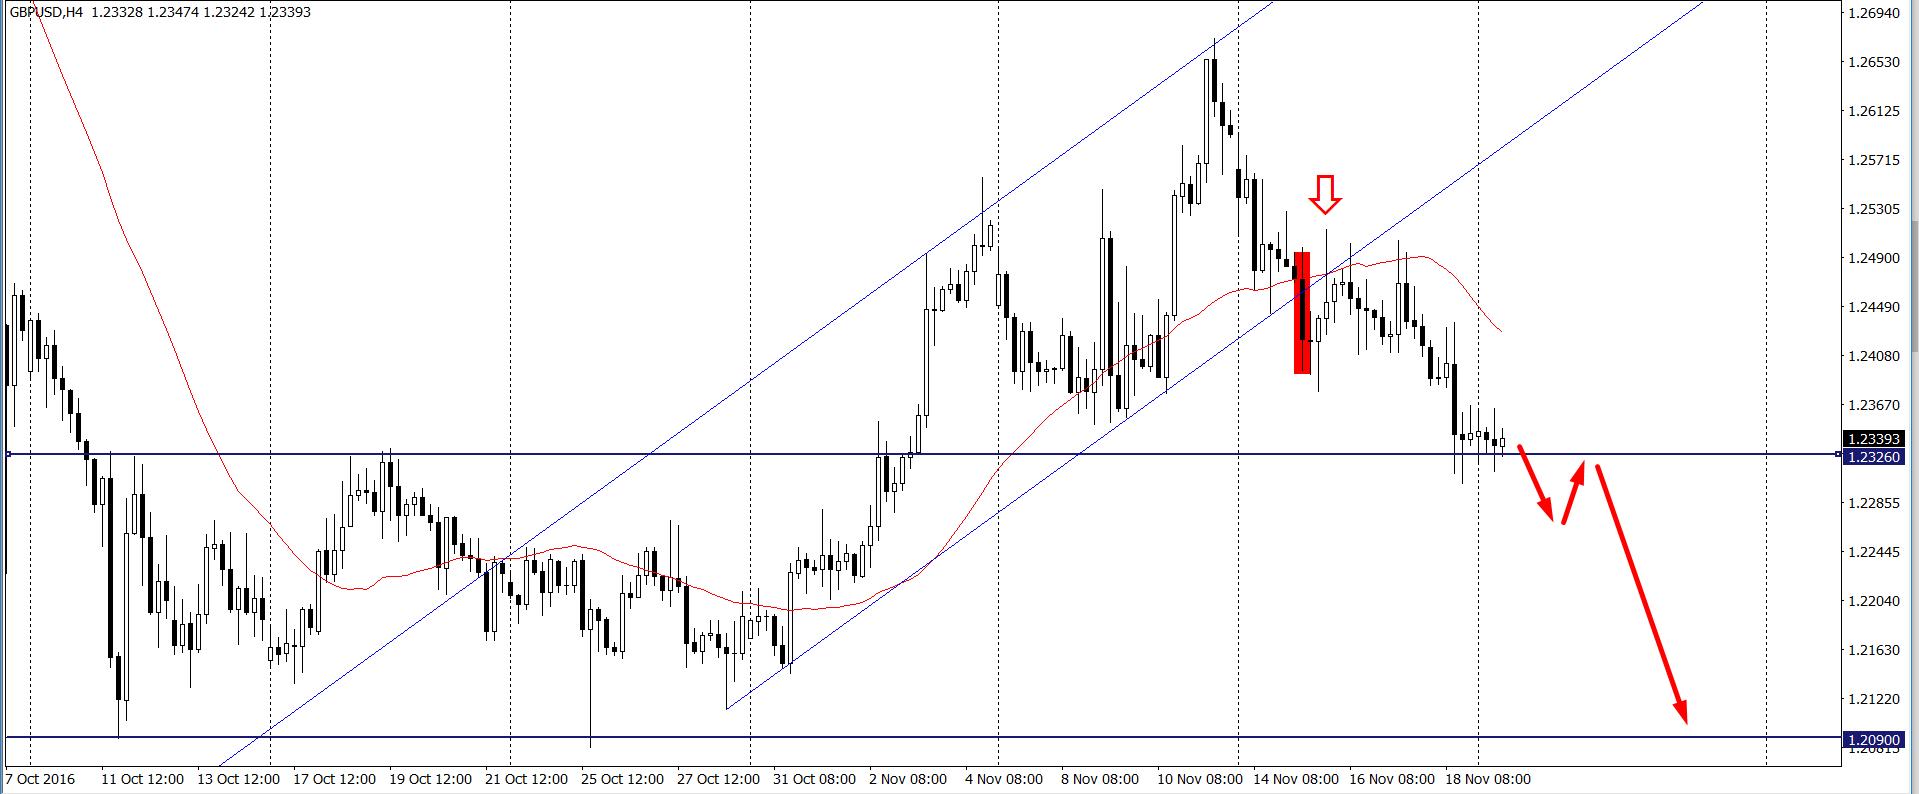 GBP/USD H4 - zaktualizowane spojrzenie Justina Bennetta